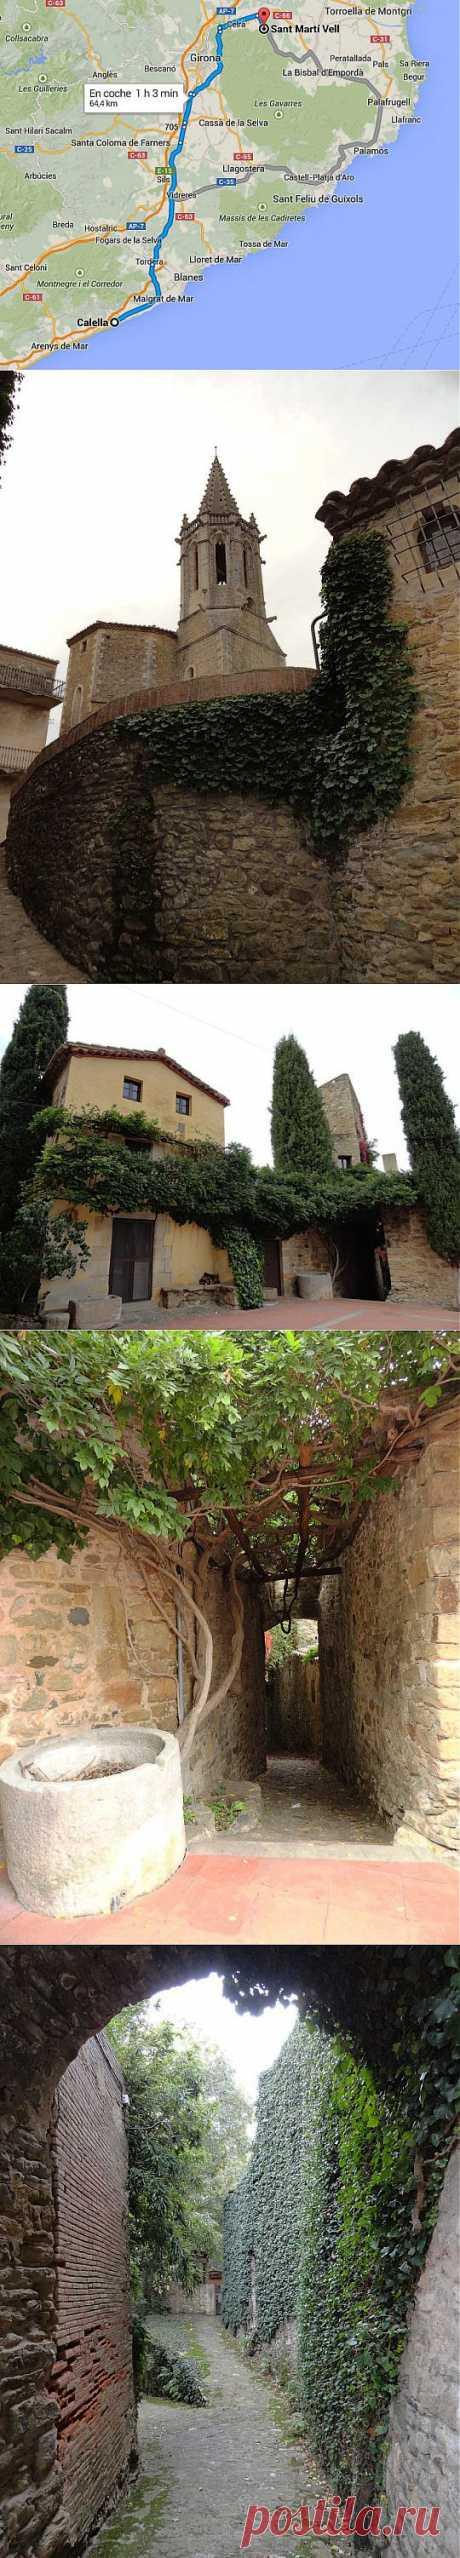 Испания. Взгляд в средневековую Каталонию.   ТУРИЗМ И ОТДЫХ